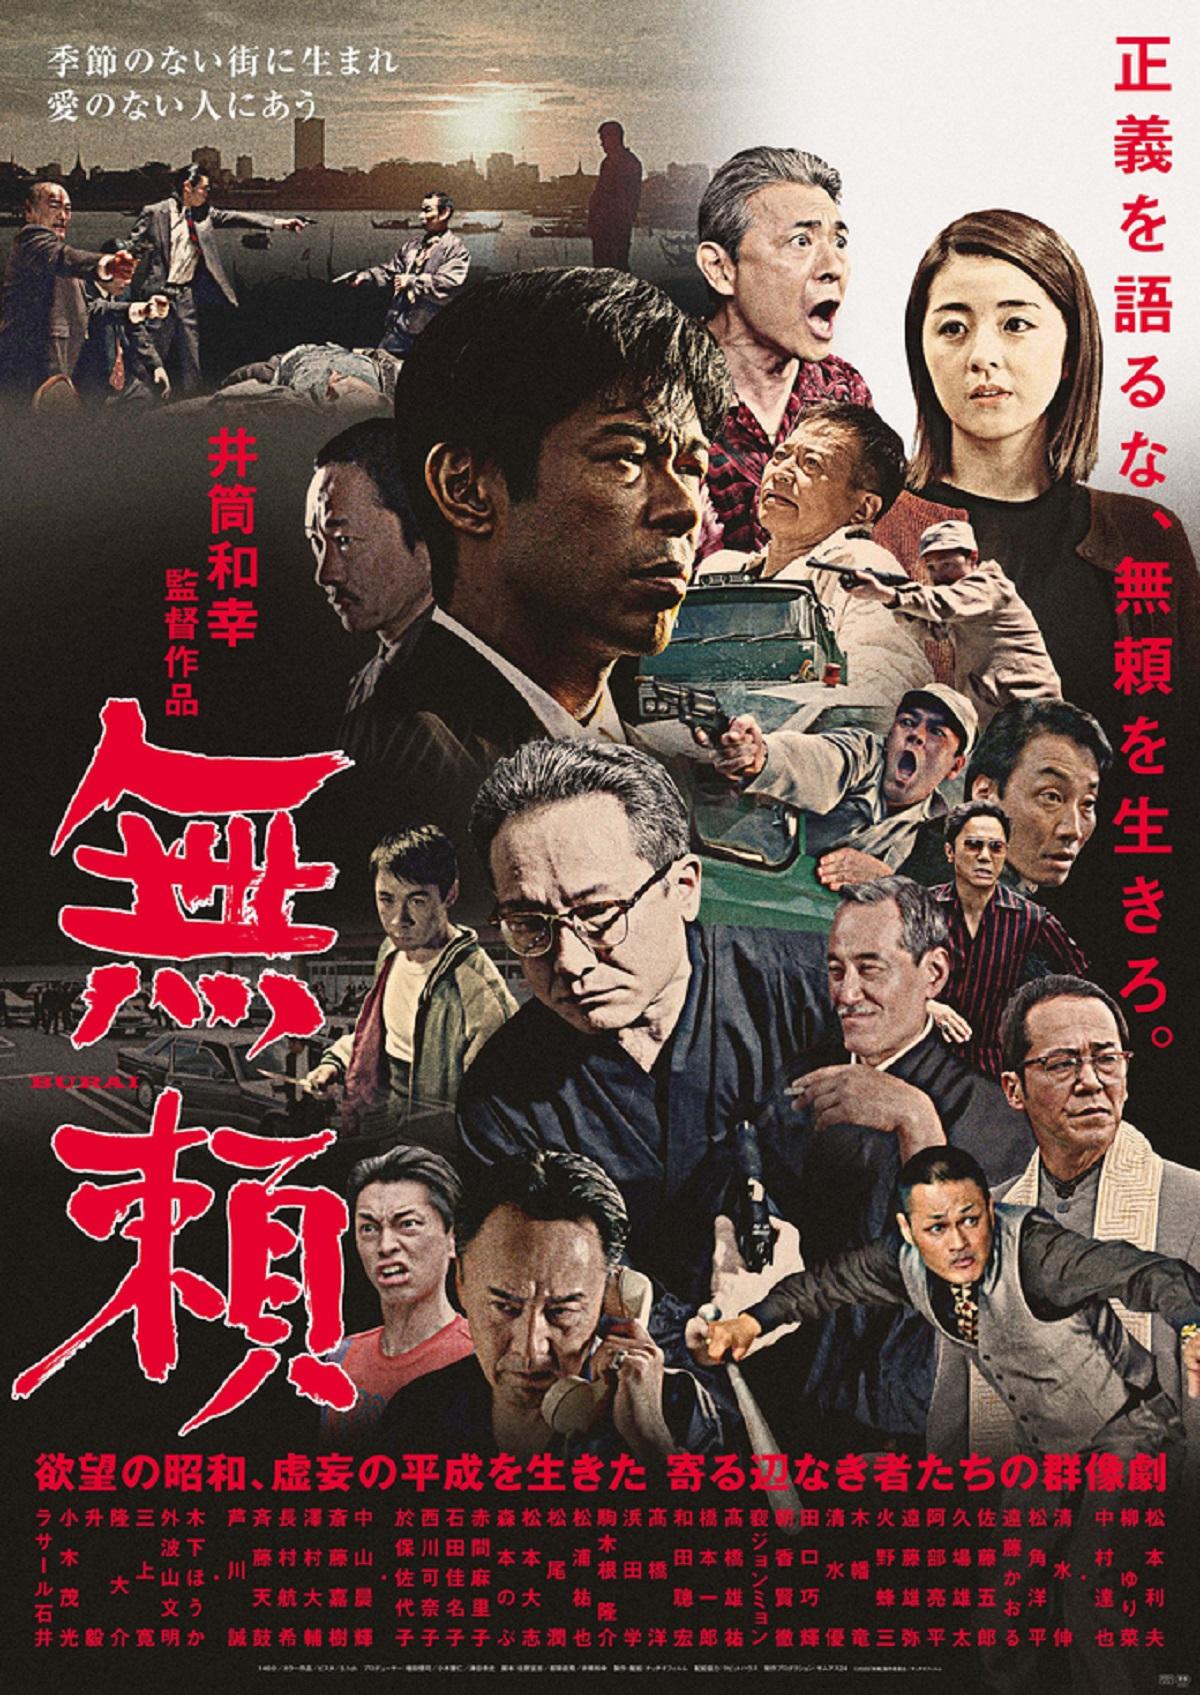 映画『無頼』のチラシポスター